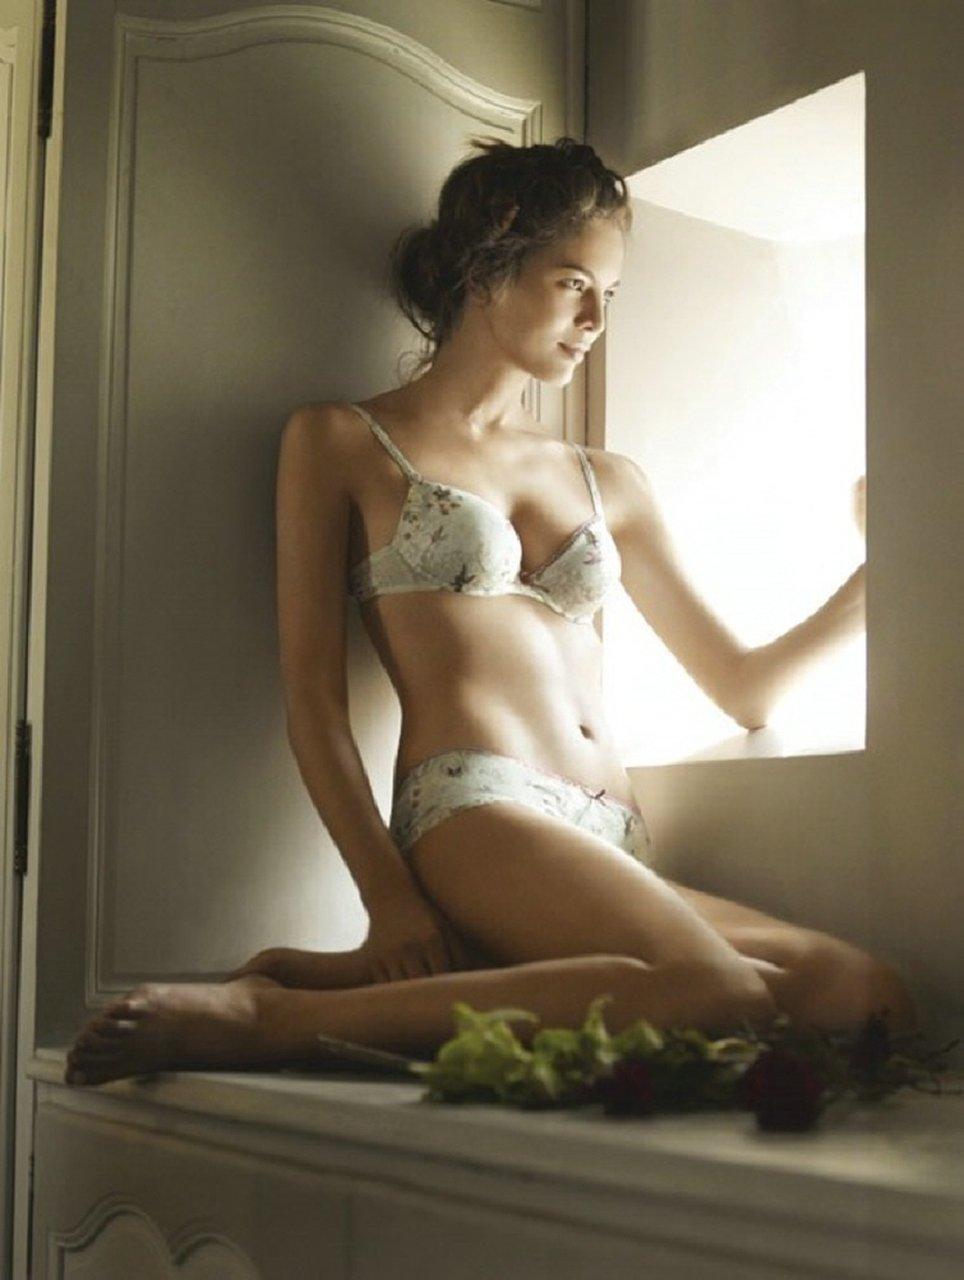 下着 美女 外国人 ランジェリー モデル エロ画像【5】